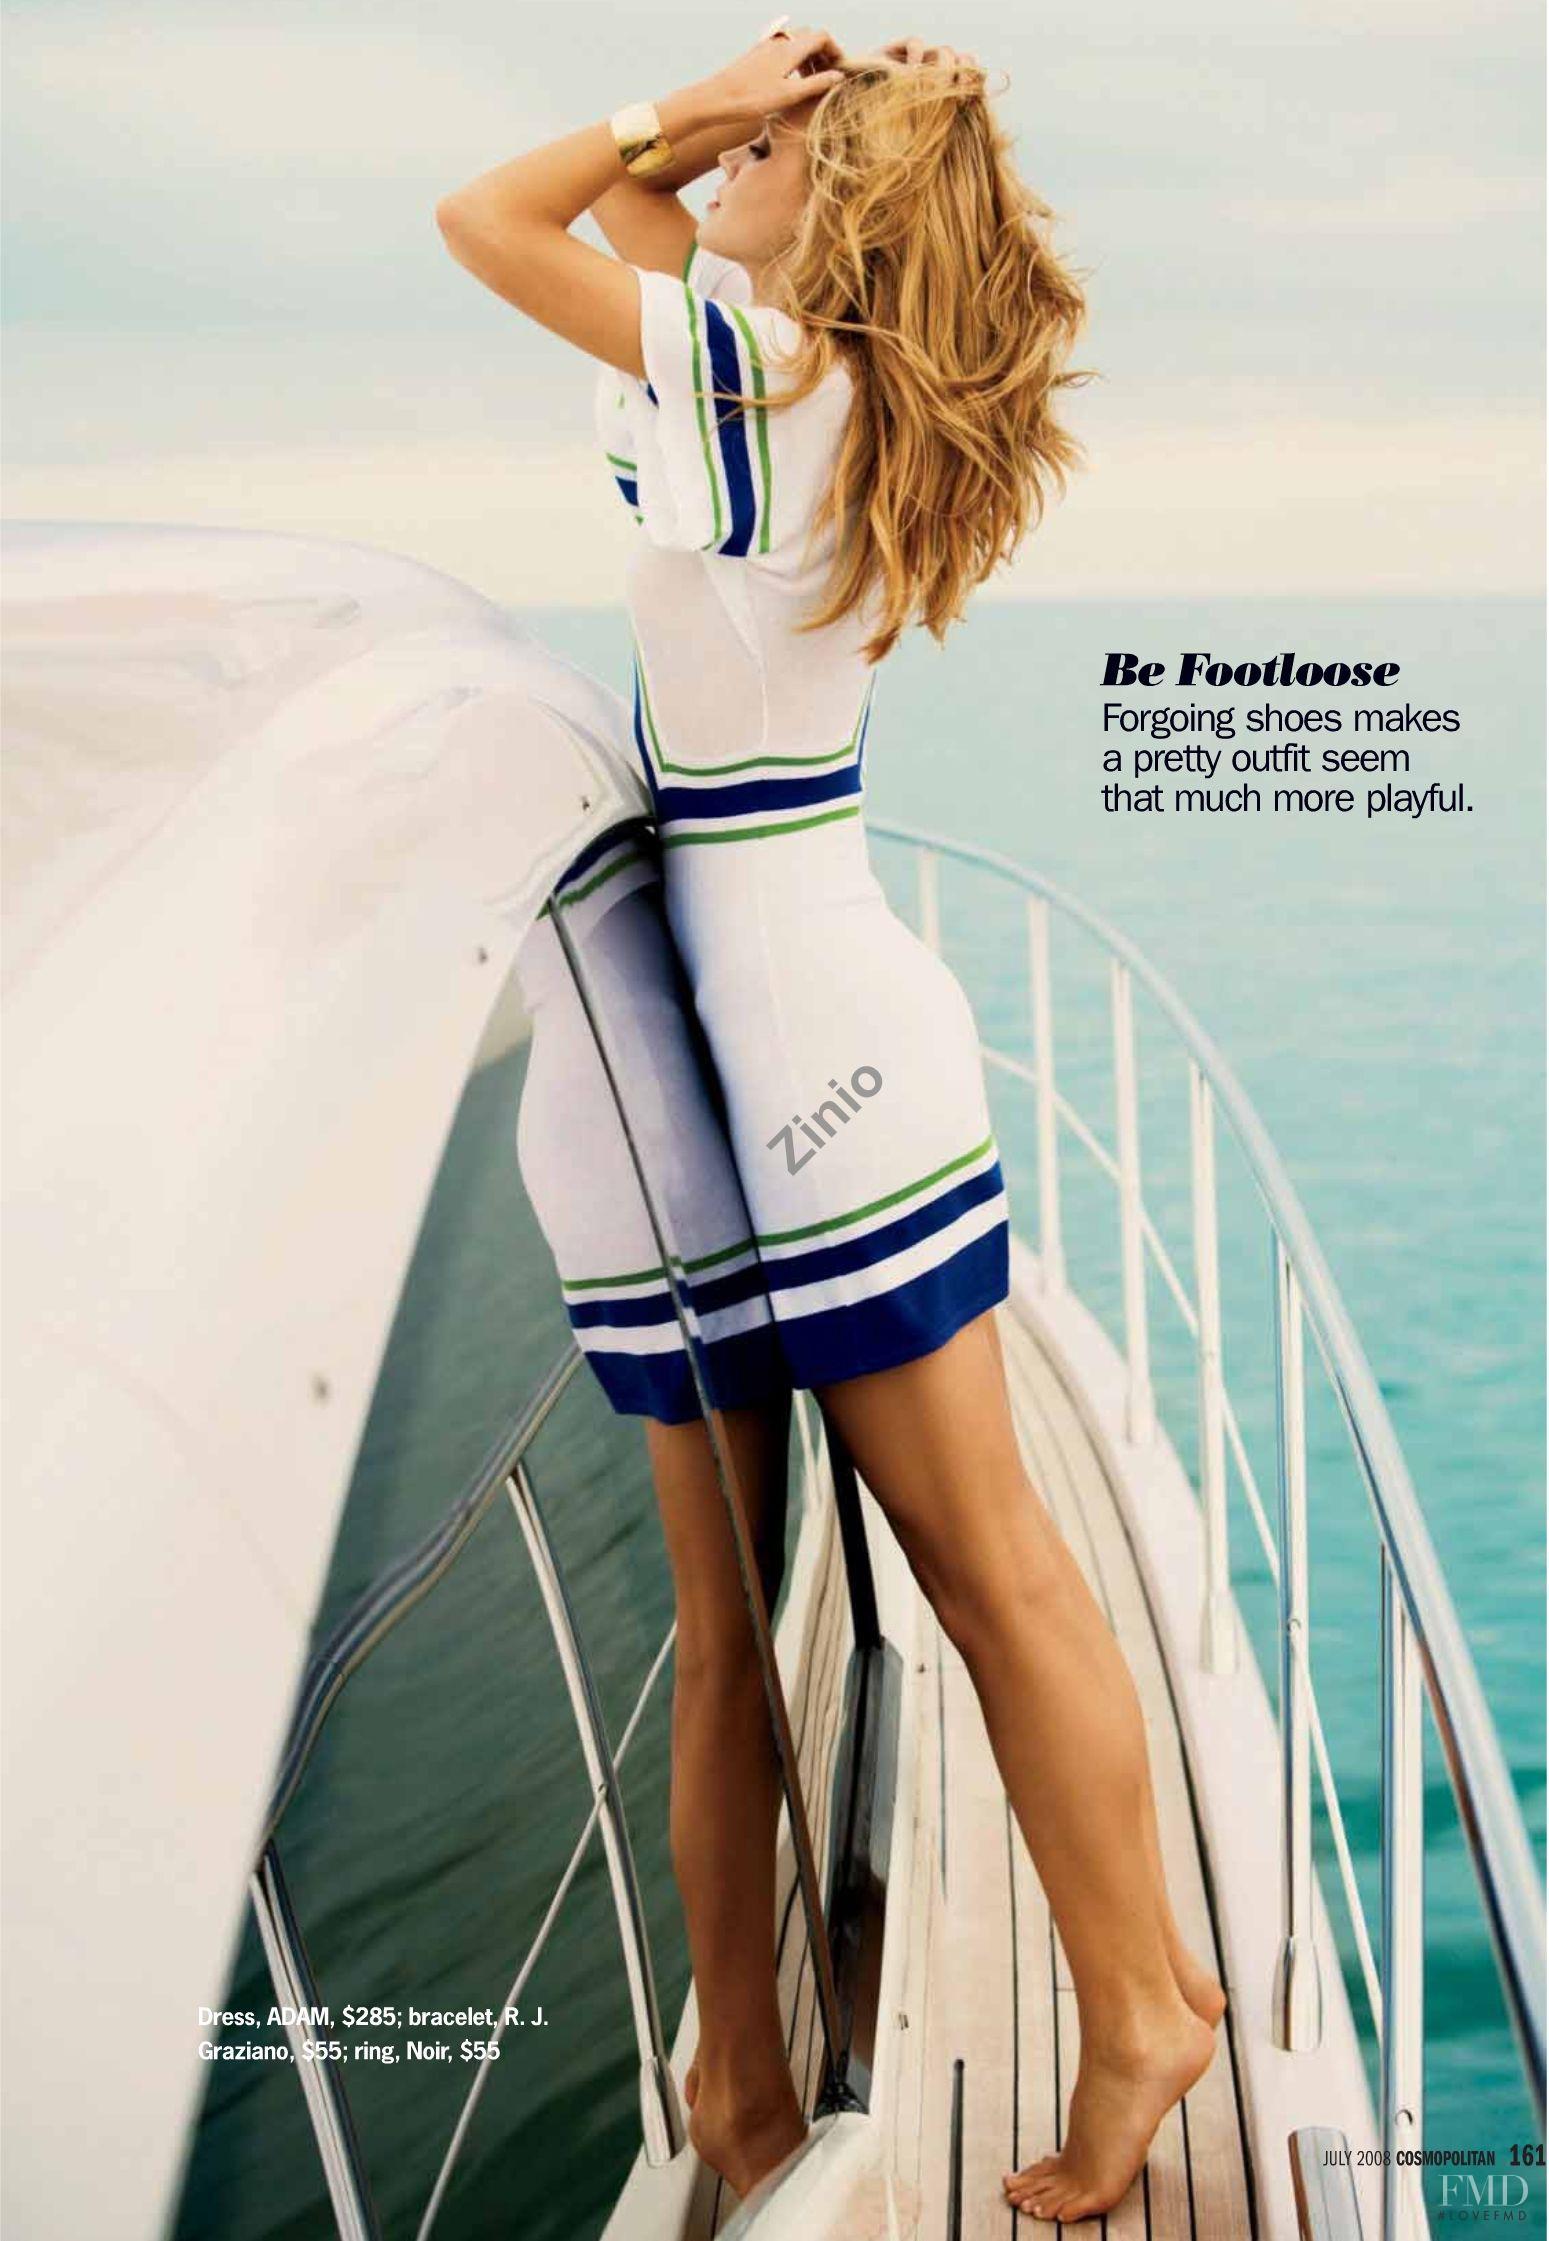 Jayne Moore Cosmopolitan Magazine Dean Isidro Beach style #yachtlife beach cover up great hair balayage Jayne Moore Jane Moore British model